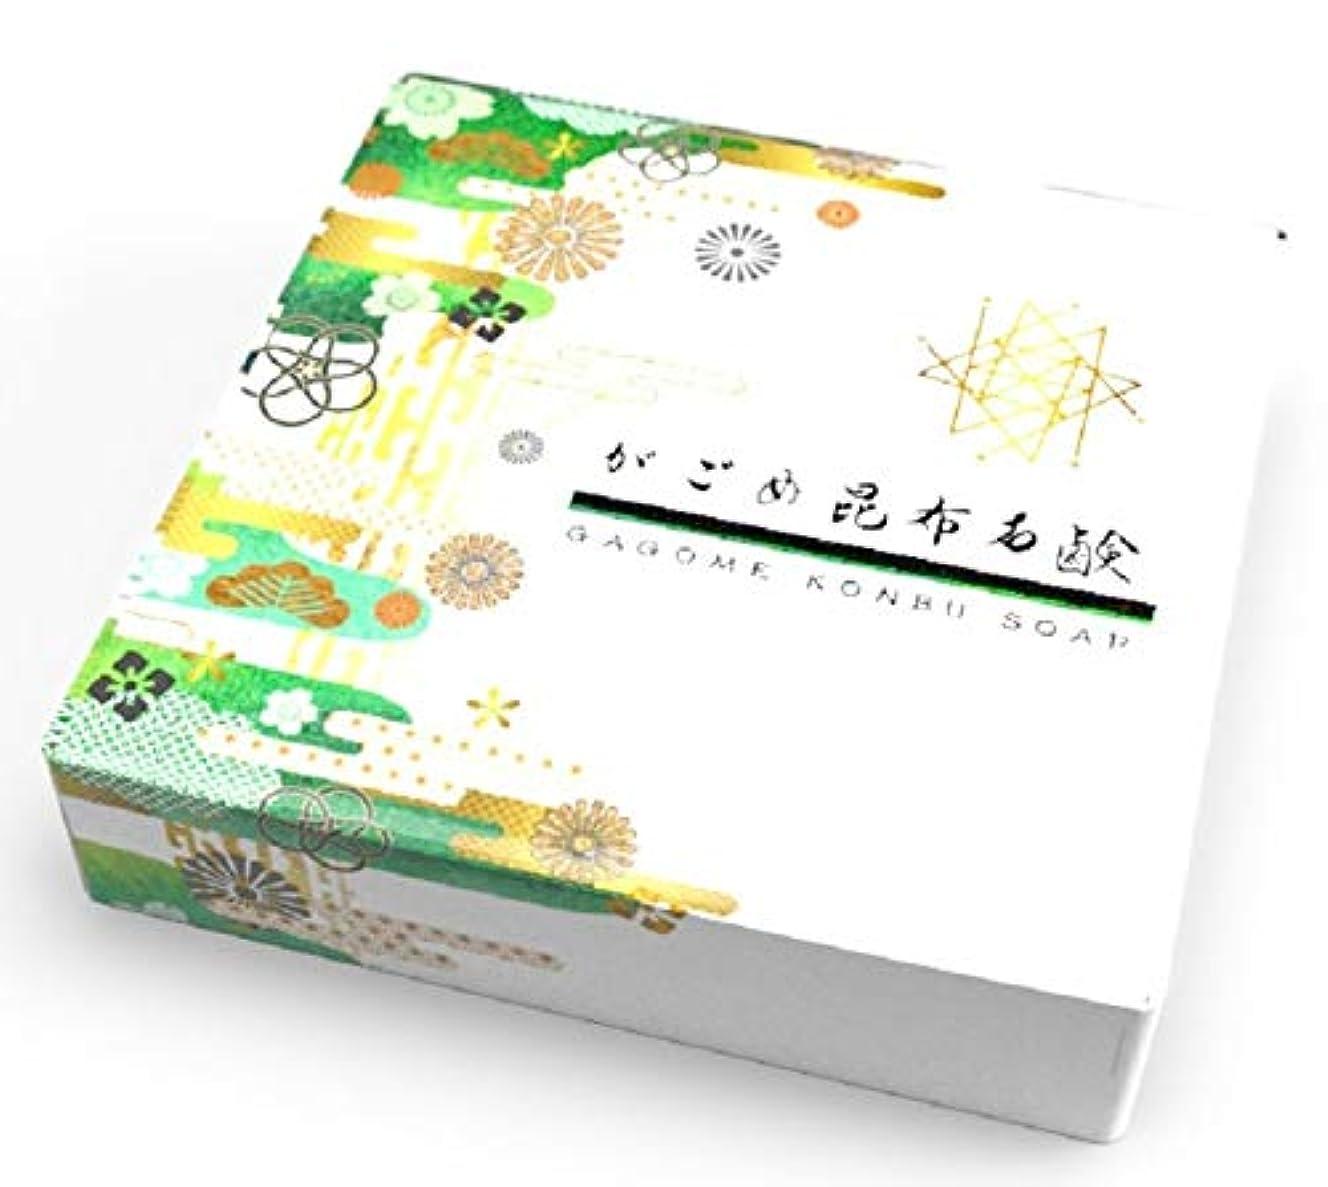 ラメ夕方バズHibis がごめ石鹸 手作り 無添加 コールド?プロセス製法 高保湿 乾燥肌 敏感肌 アトピー (85g)